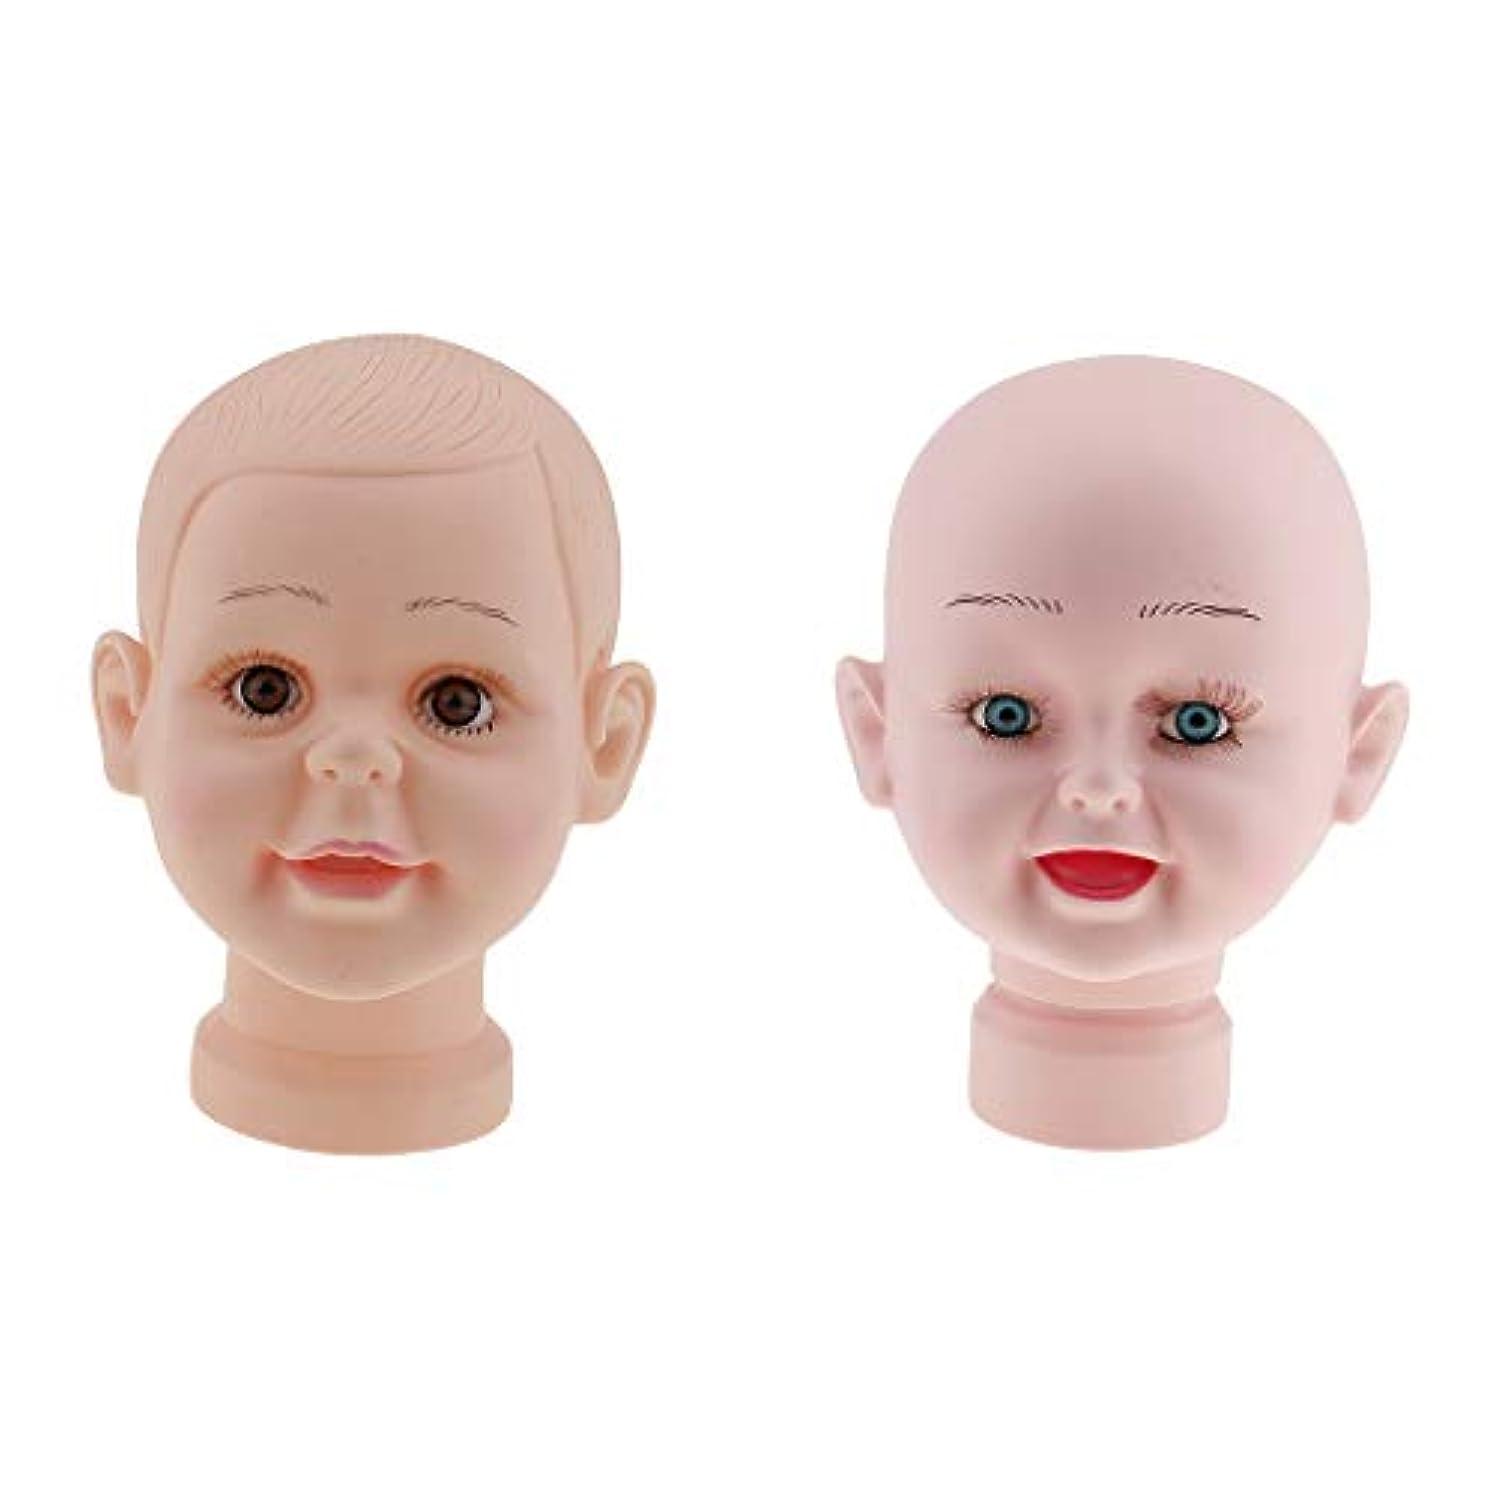 素人酸個人的なT TOOYFUL 子供マネキンヘッド 赤ちゃん チャイルドマネキンヘッド 肌色 頭部モデル かつら 帽子ディスプレイ